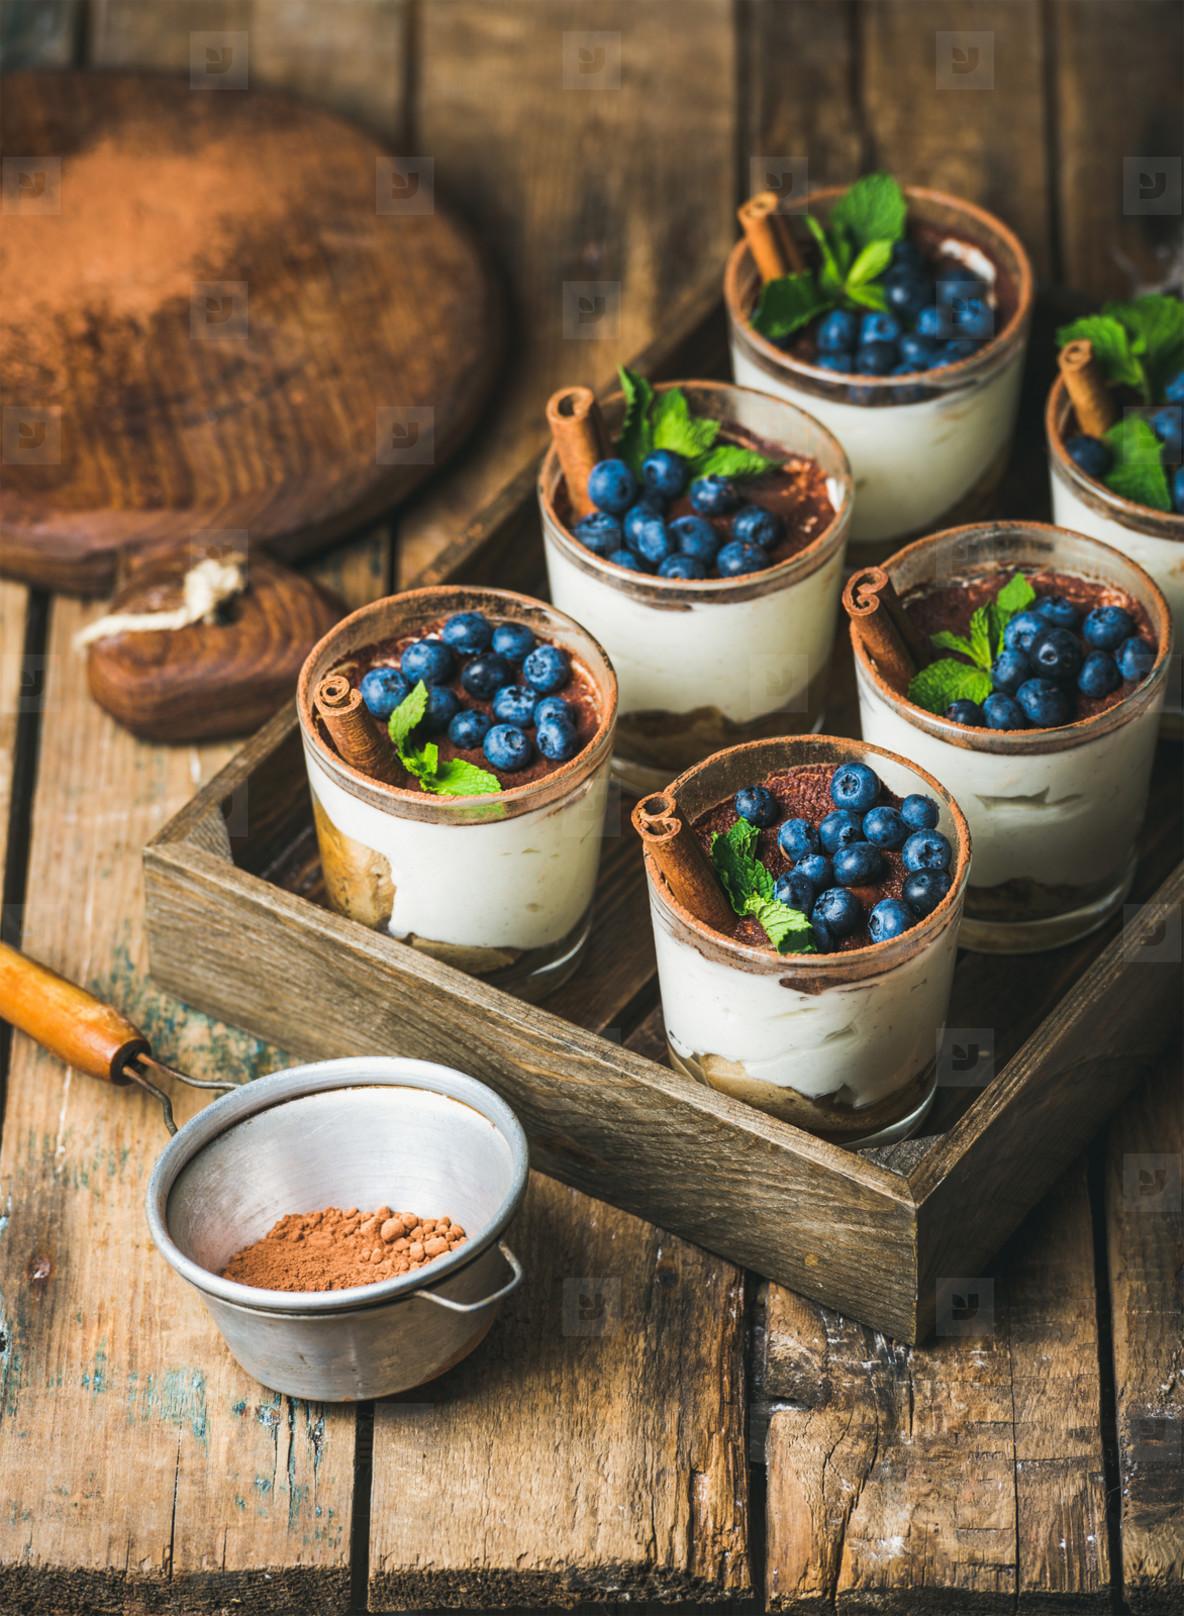 Homemade Tiramisu dessert in glasses with fresh berries and mint